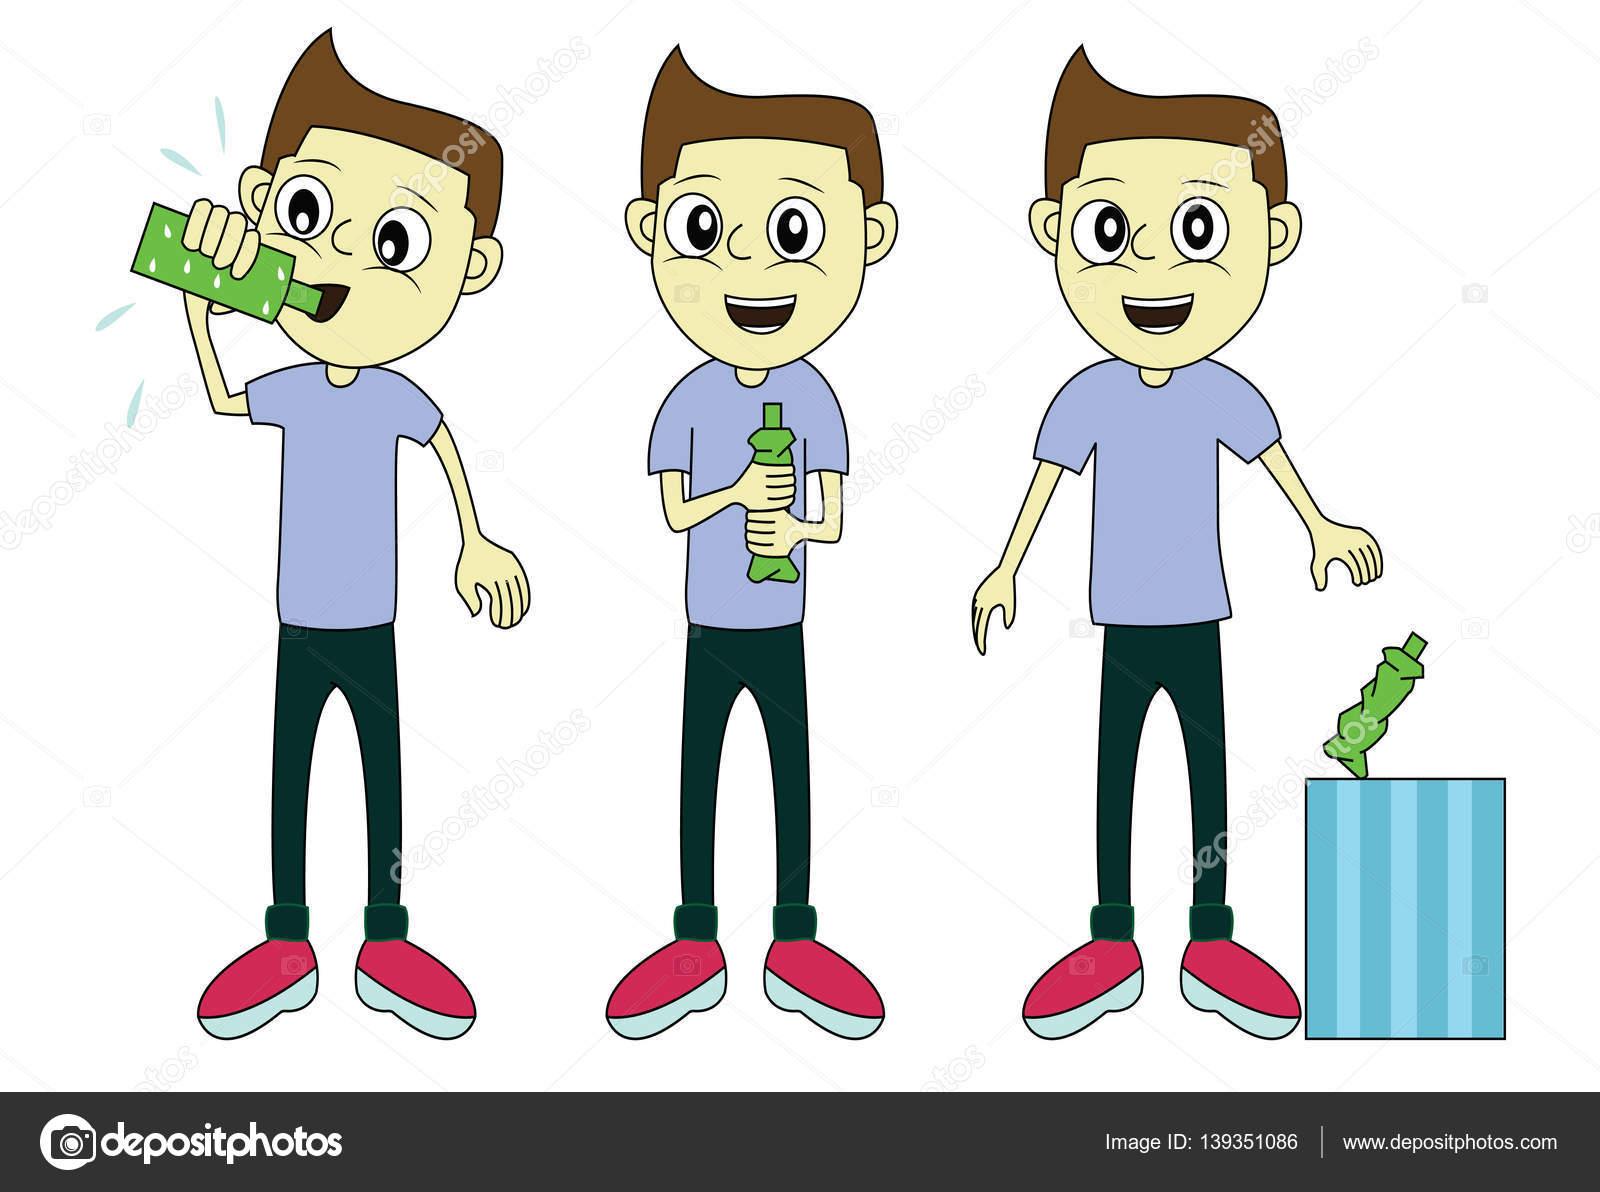 Dibujos Del Cuidado Del Medio Ambiente Boy Hacer Dibujos Animados